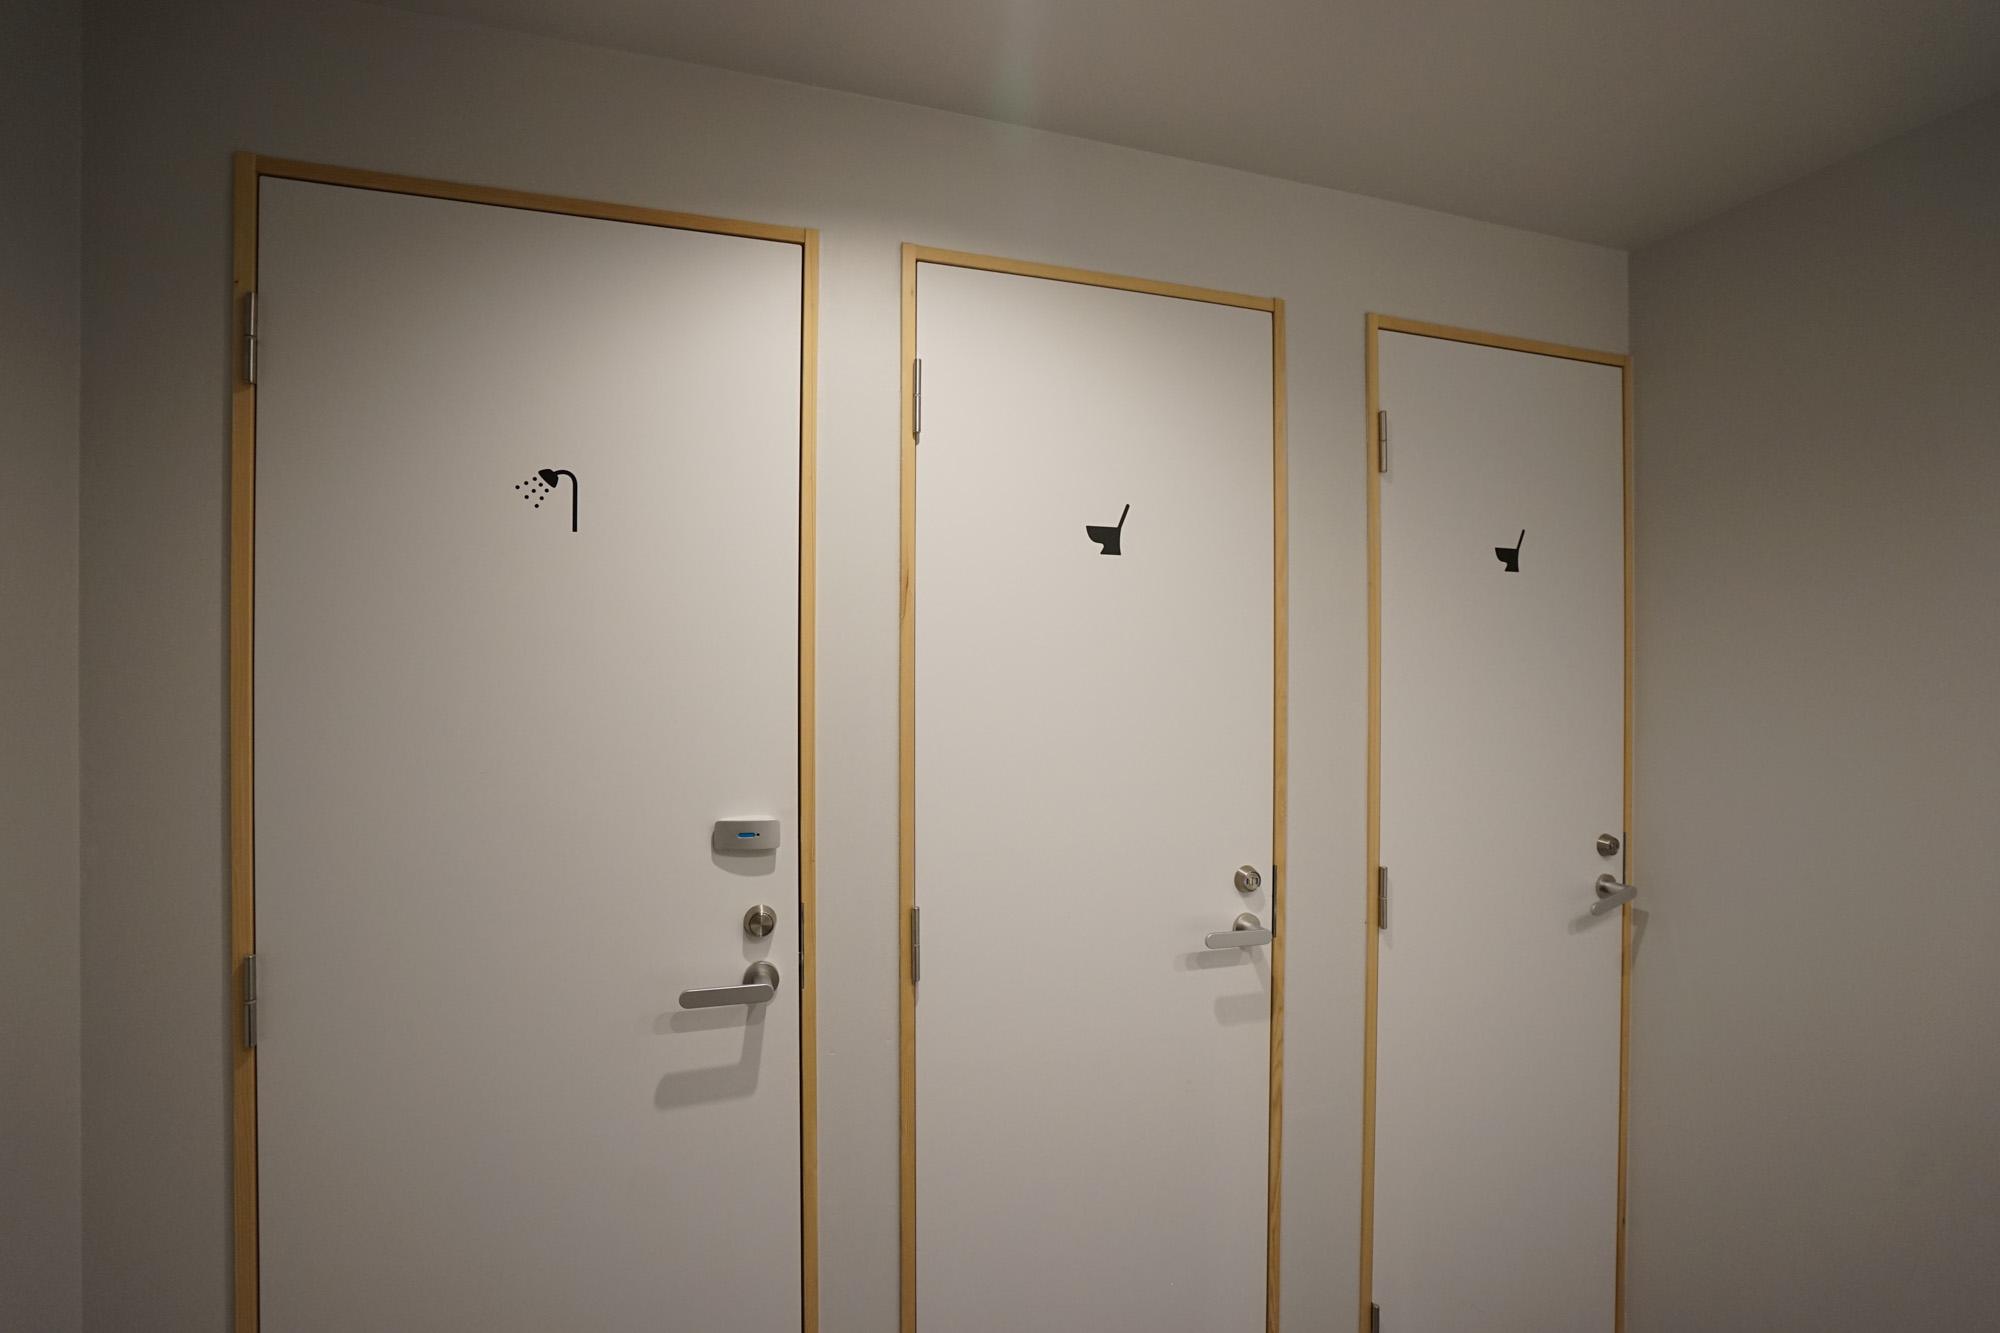 女性用はシャワーが1箇所、トイレが2箇所。他のフロアを使うこともできますが、朝の時間帯などは余裕を持ってご利用を。